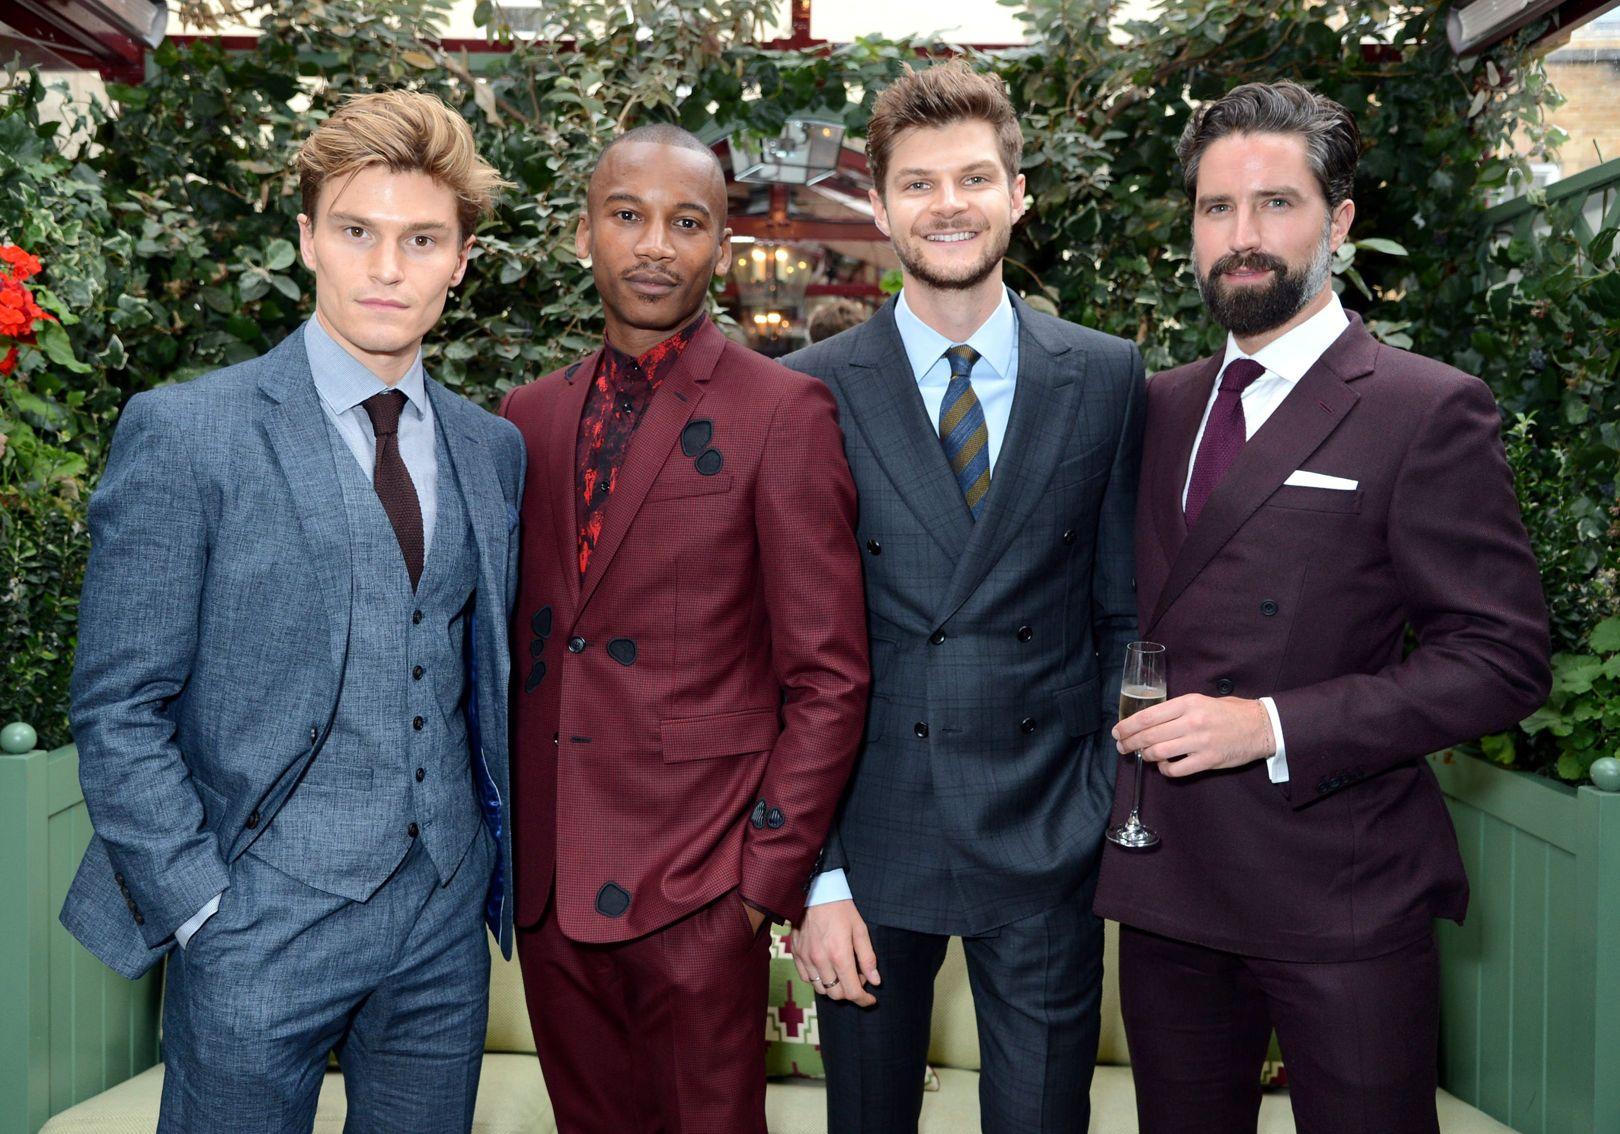 Dàn nam mẫu Oliver Cheshire, Eric Underwood, Jim Chapman và Jack Guinness tại bữa tiệc khởi động Tuần lễ thời trang nam London Xuân-Hè 2018